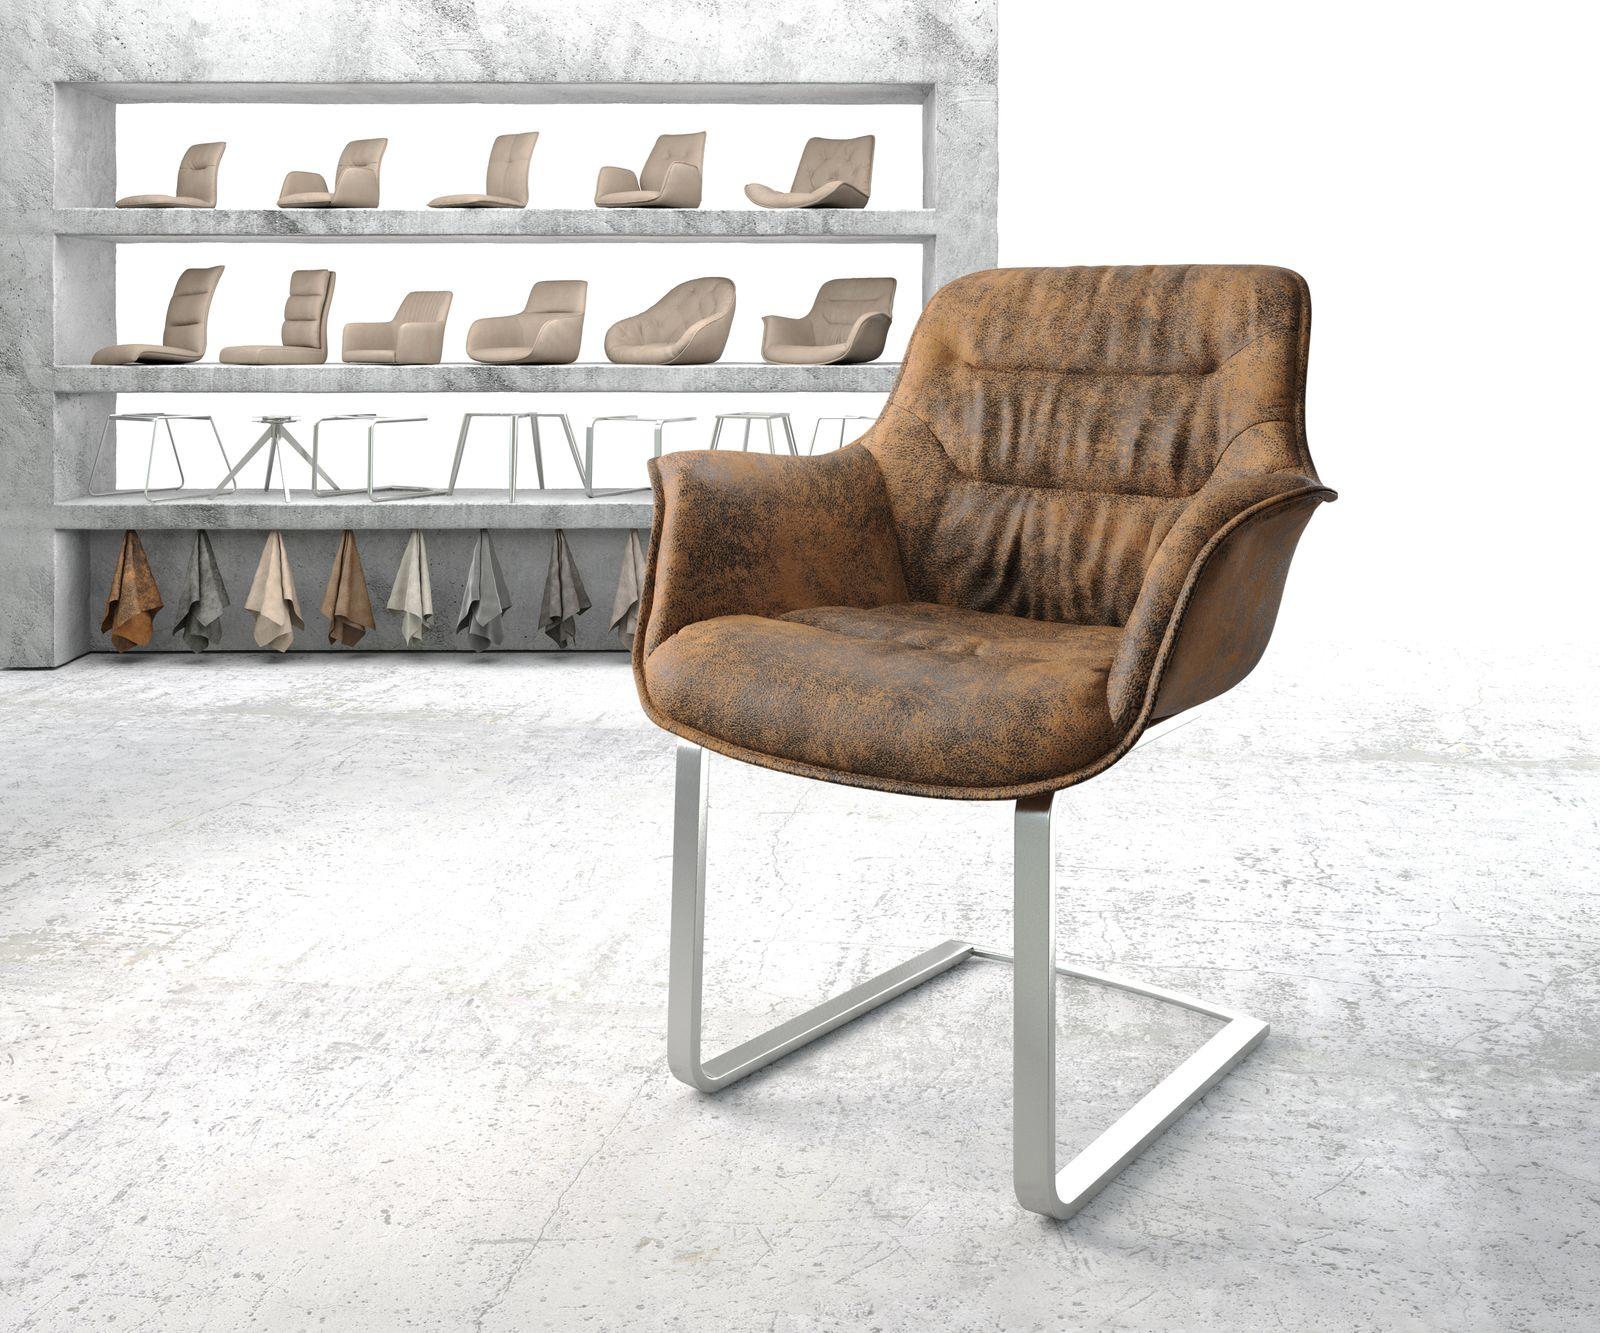 delife-armlehnstuhl-kaira-flex-braun-vintage-freischwinger-flach-edelstahl-esszimmerstuhle